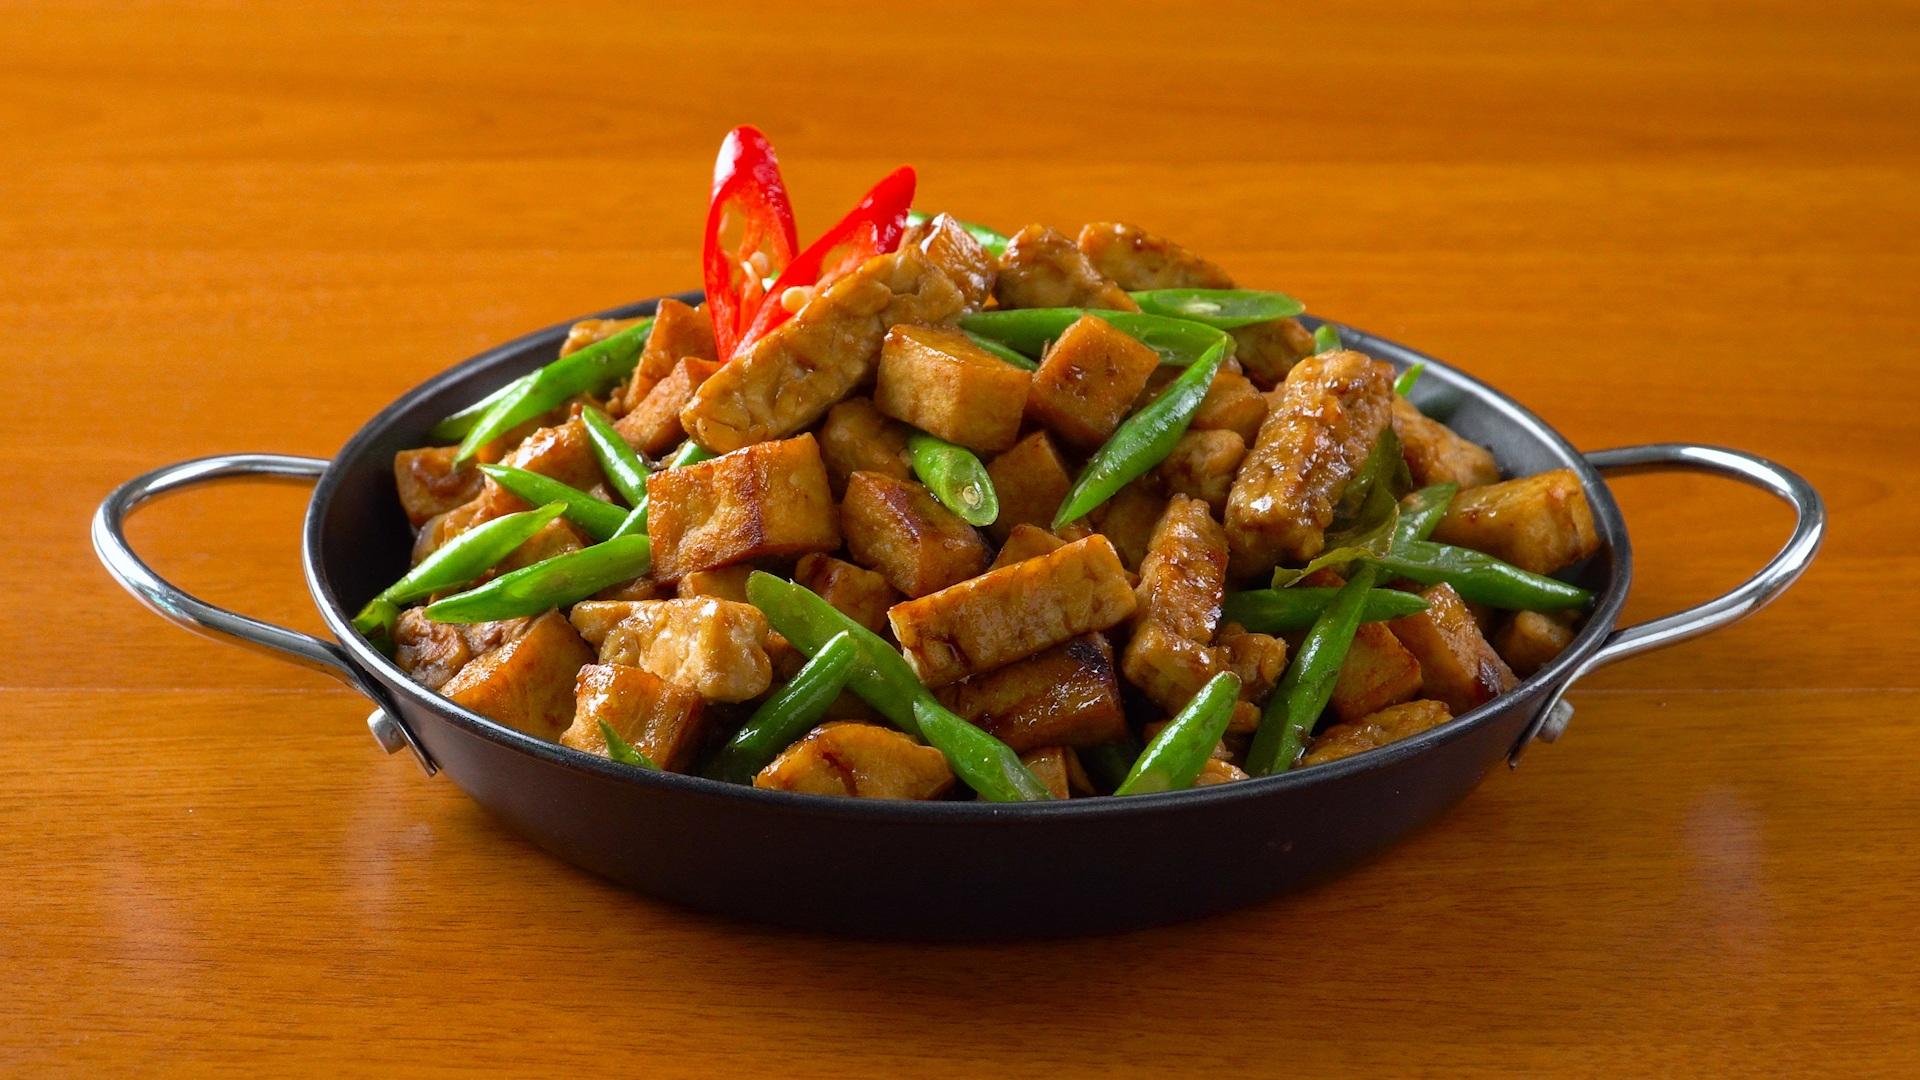 Resep Tumis Buncis Tahu Tempe, Makanan Sehat yang Mudah Dimasak